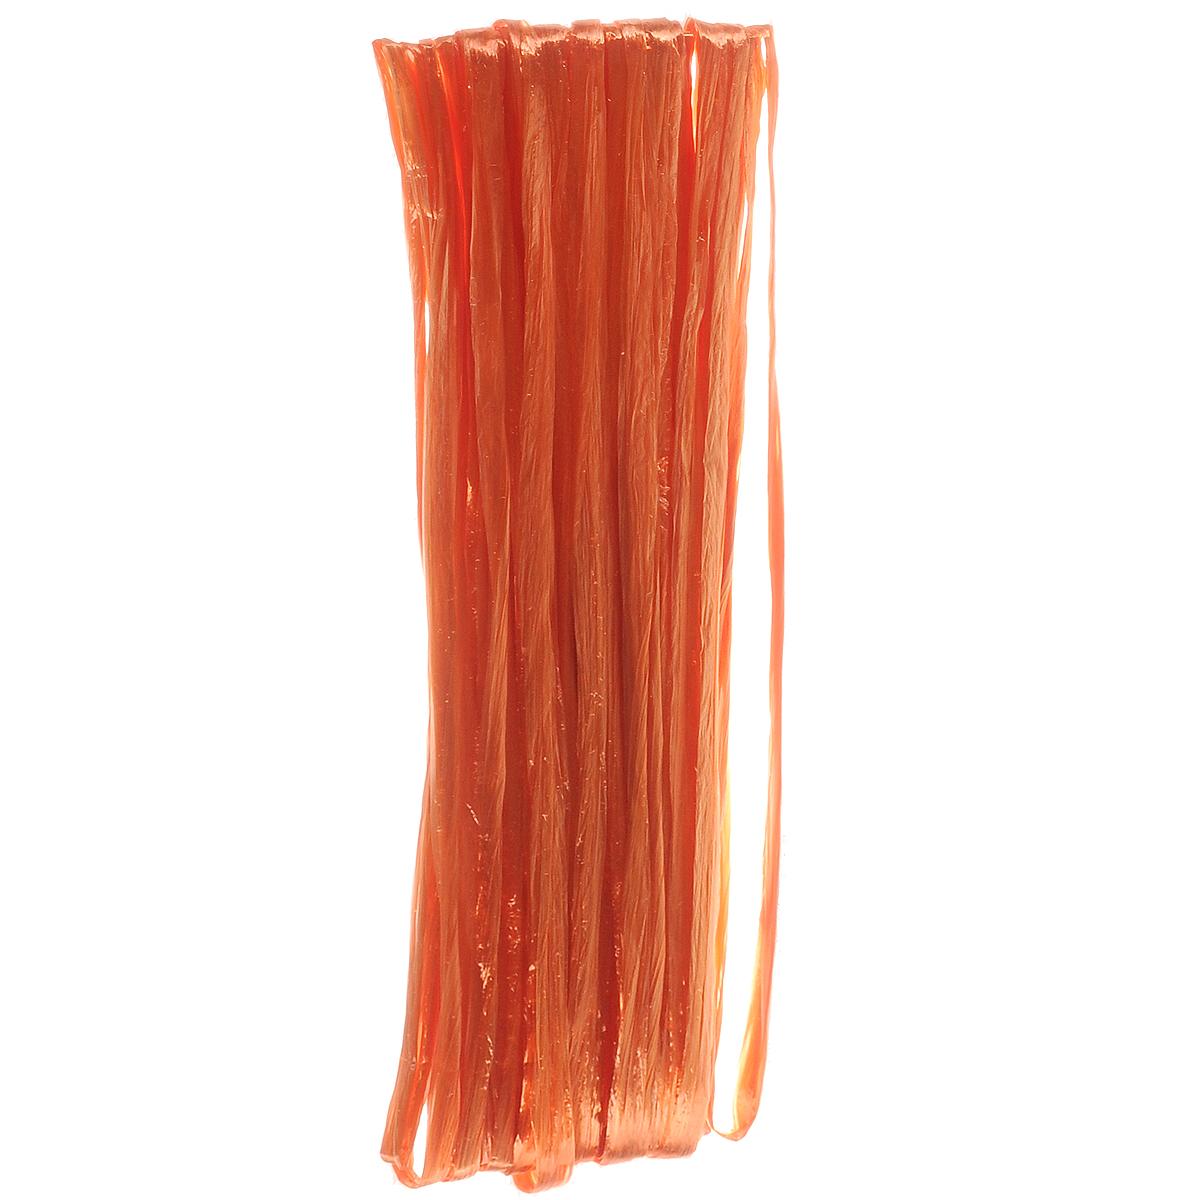 Рафия Hobby Time, цвет: оранжевый (443), длина 20 м55052Рафия Hobby Time, изготовленная из бумаги, широко применяется для упаковки подарков, оформления цветочных композиций. Бумажная рафия так же подойдет и в декоре работ в стиле скрапбукинг. Из нее можно изготовить оригинальные цветочные композиции. Расправьте рафию и вы получите широкую бумажную и мягкую ленту. Рукодельницы используют рафию вместо бумаги или в качестве декоративных лент для упаковки подарков. Например, окрашенную в разные цвета, рафию можно использовать в качестве ленты для украшения подарочных коробочек. Длина: 20 м.